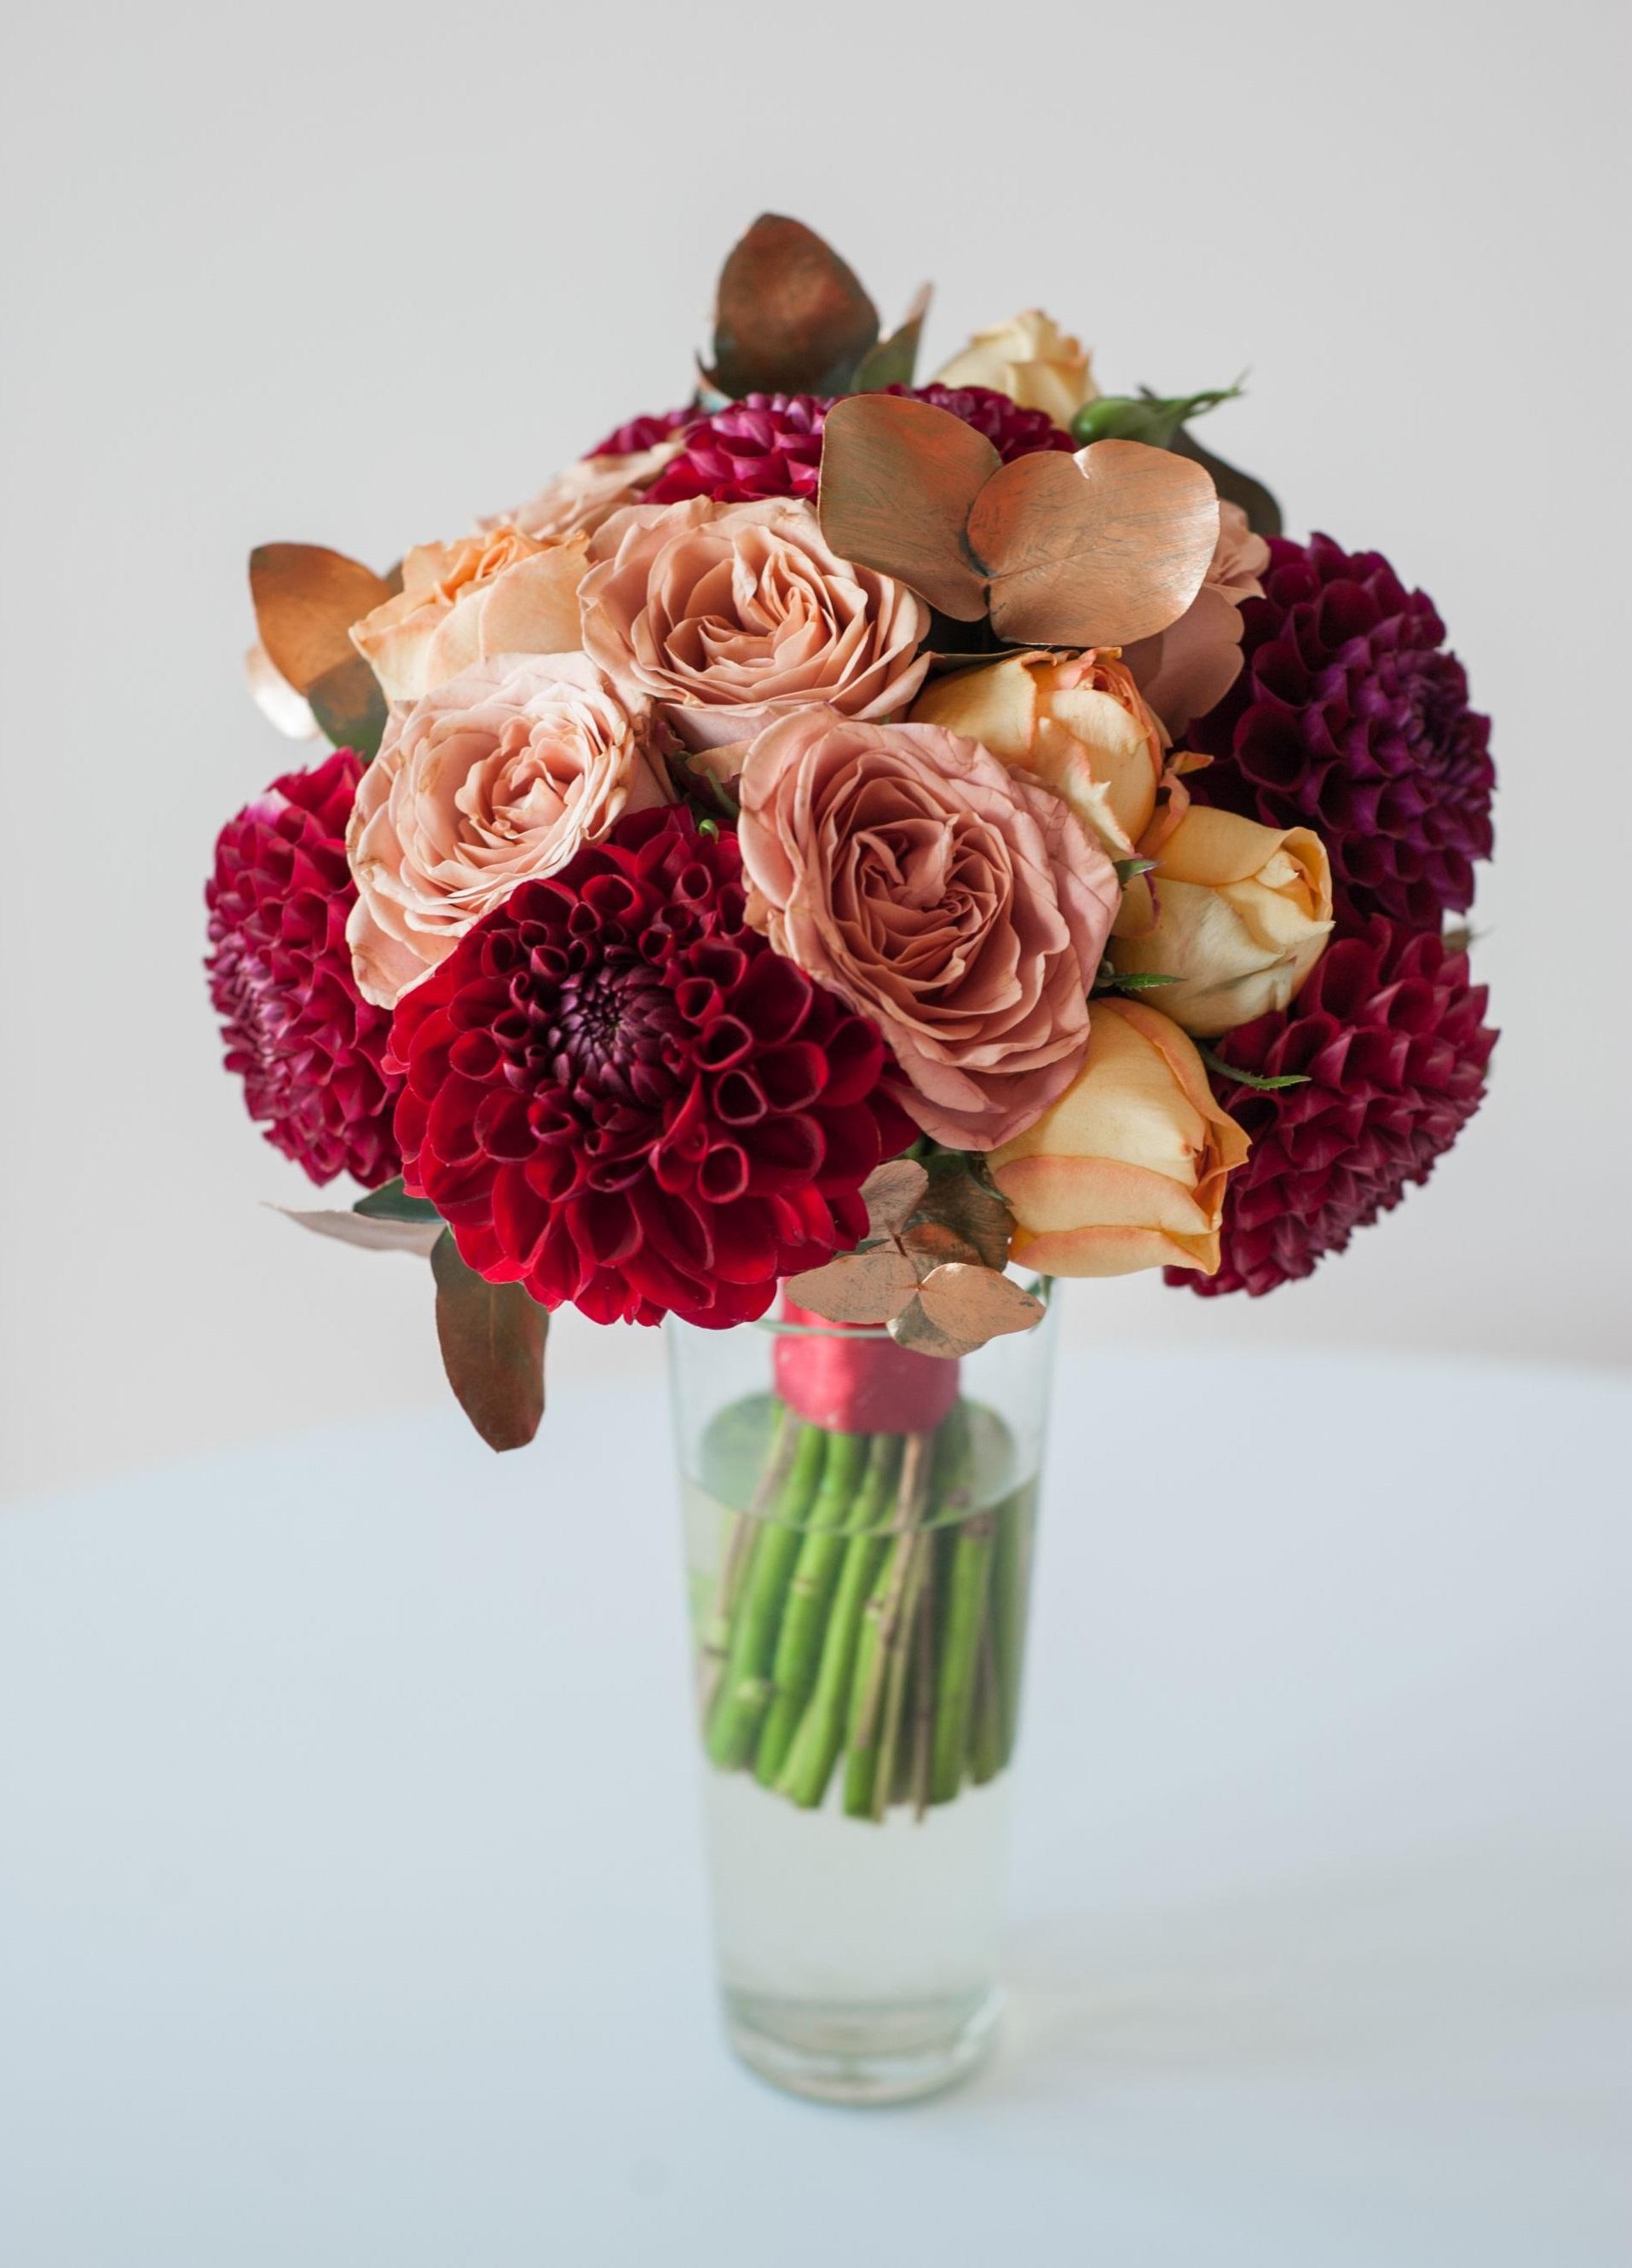 букет невесты из бордовых георгин, роз Капучино и пионовидных персиковых роз